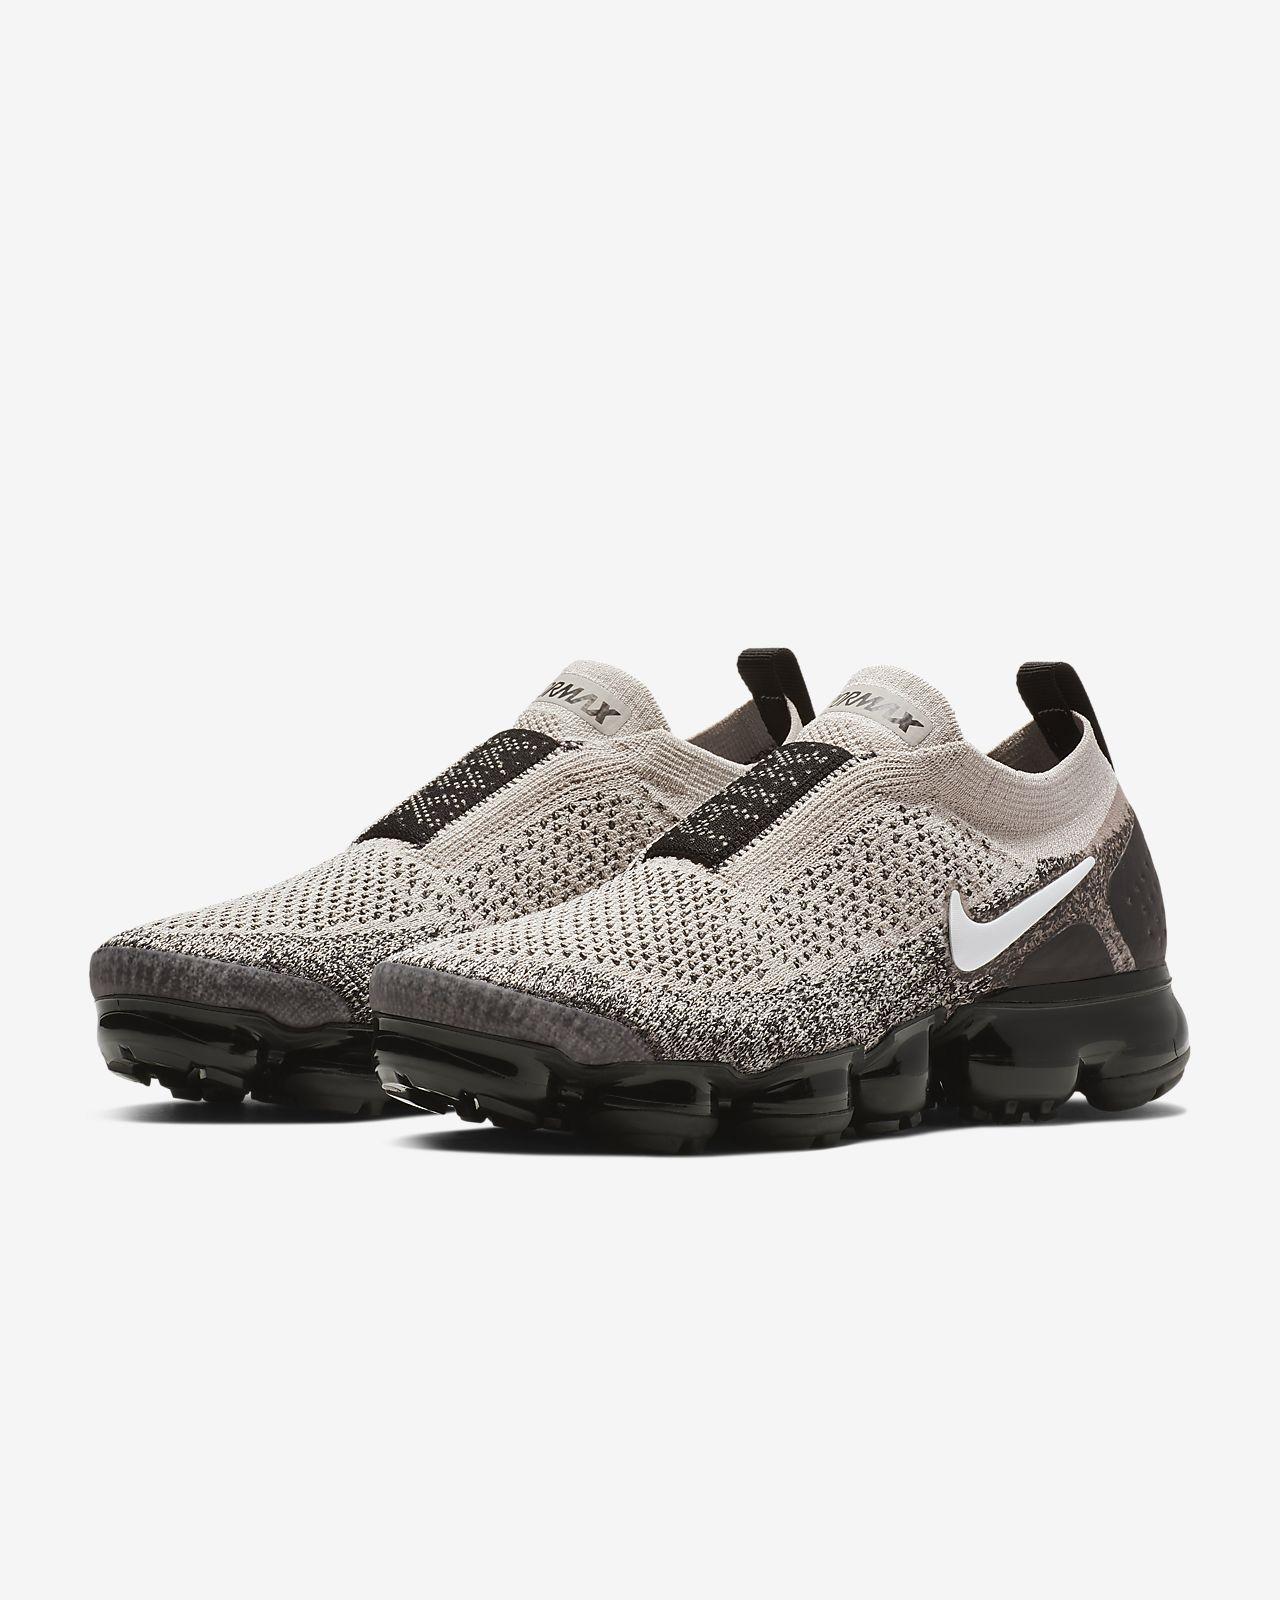 brand new 5a32d 9e0b6 ... Chaussure Nike Air VaporMax Flyknit Moc 2 pour Femme